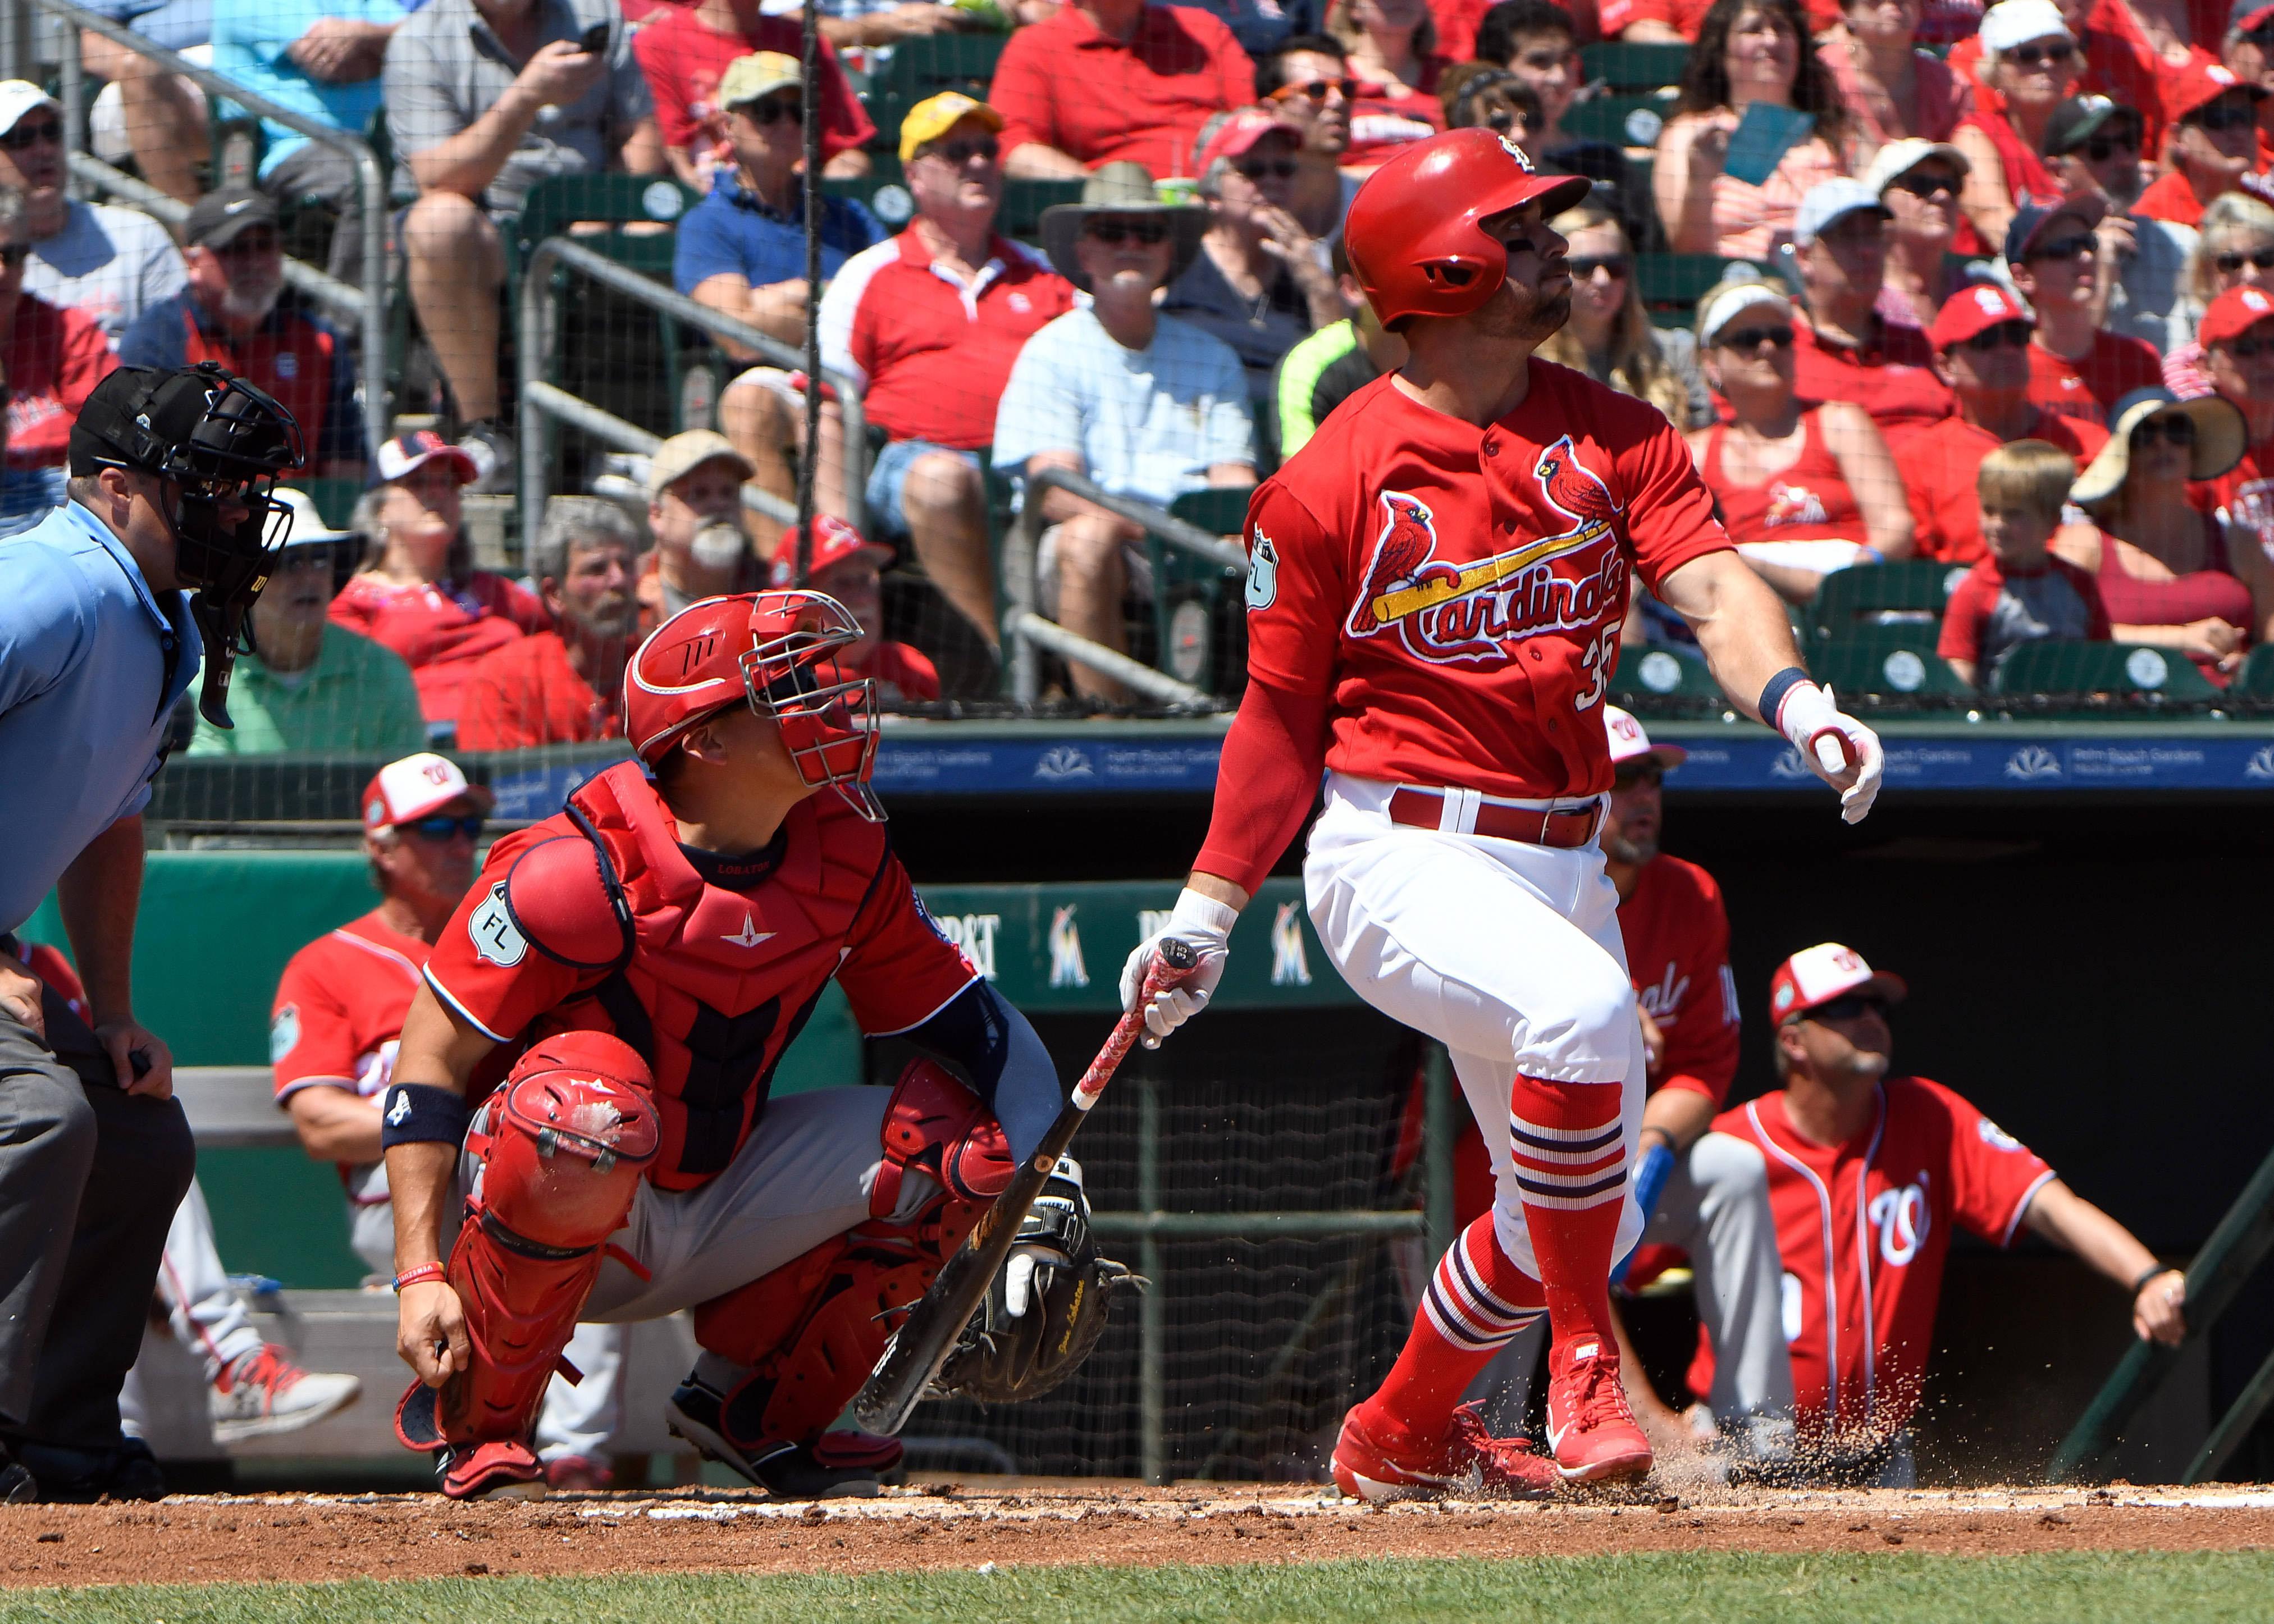 9964620-mlb-spring-training-washington-nationals-at-st.-louis-cardinals